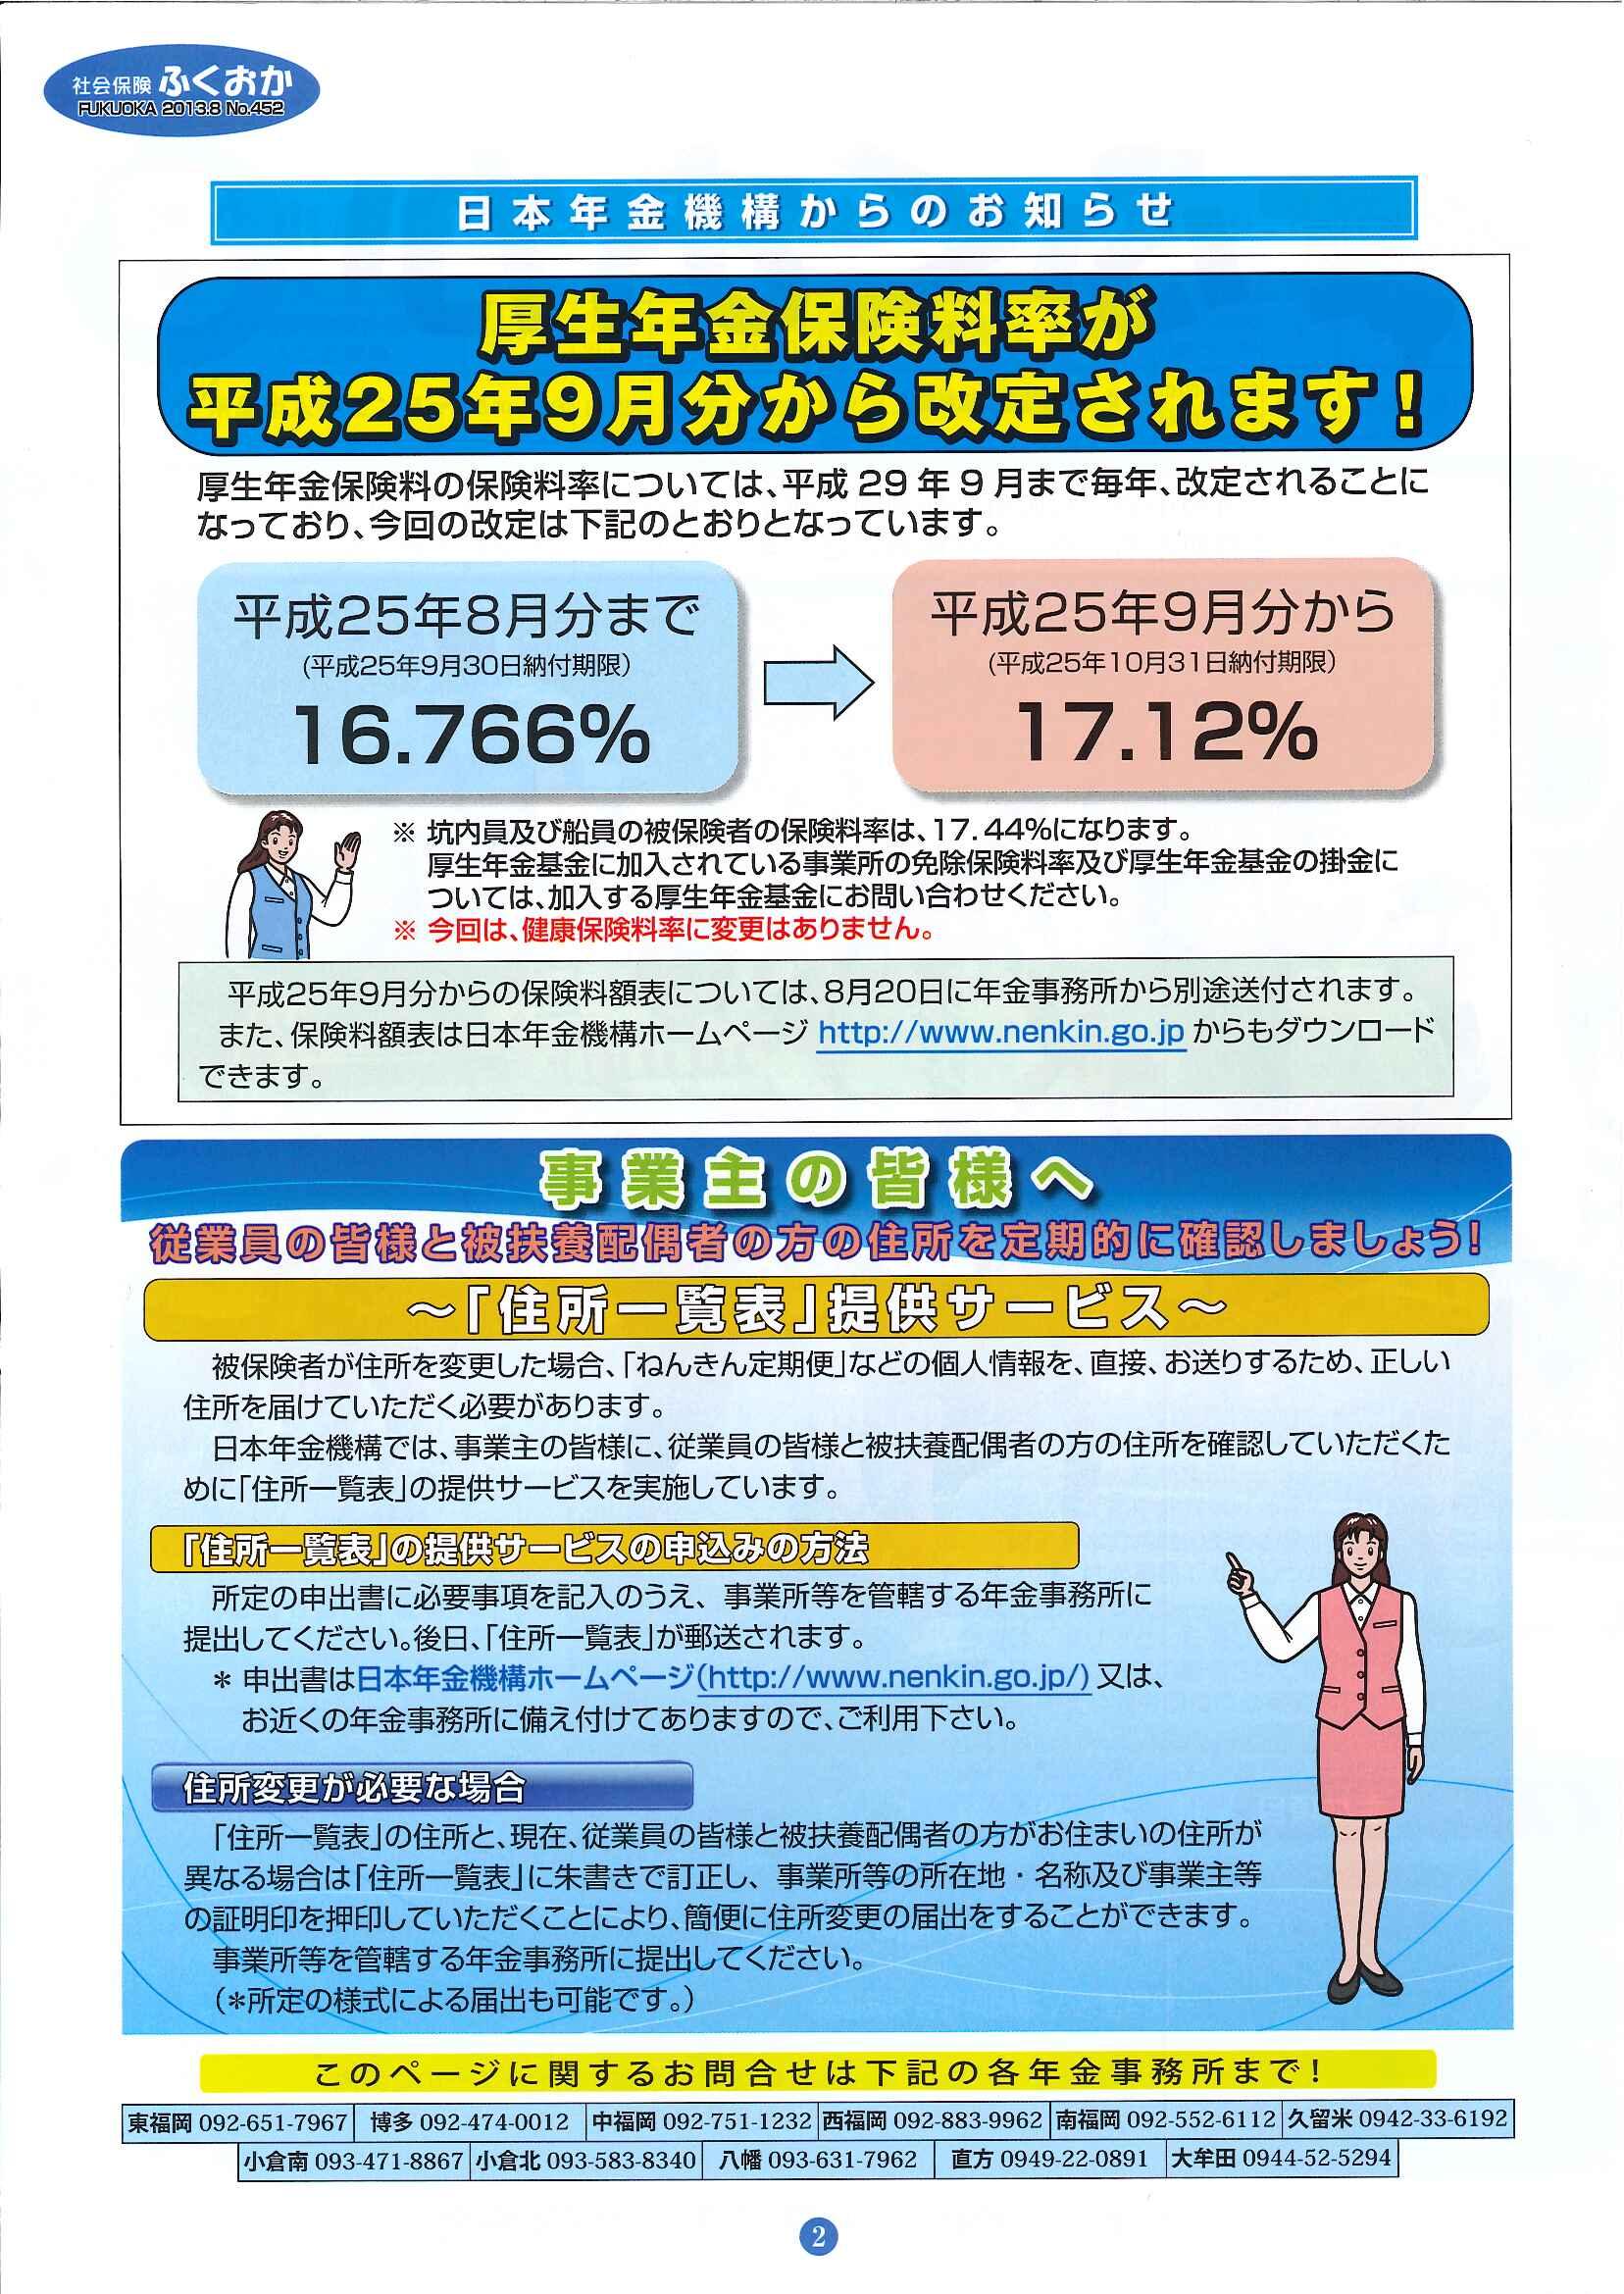 社会保険 ふくおか 2013年8月号_f0120774_14544836.jpg